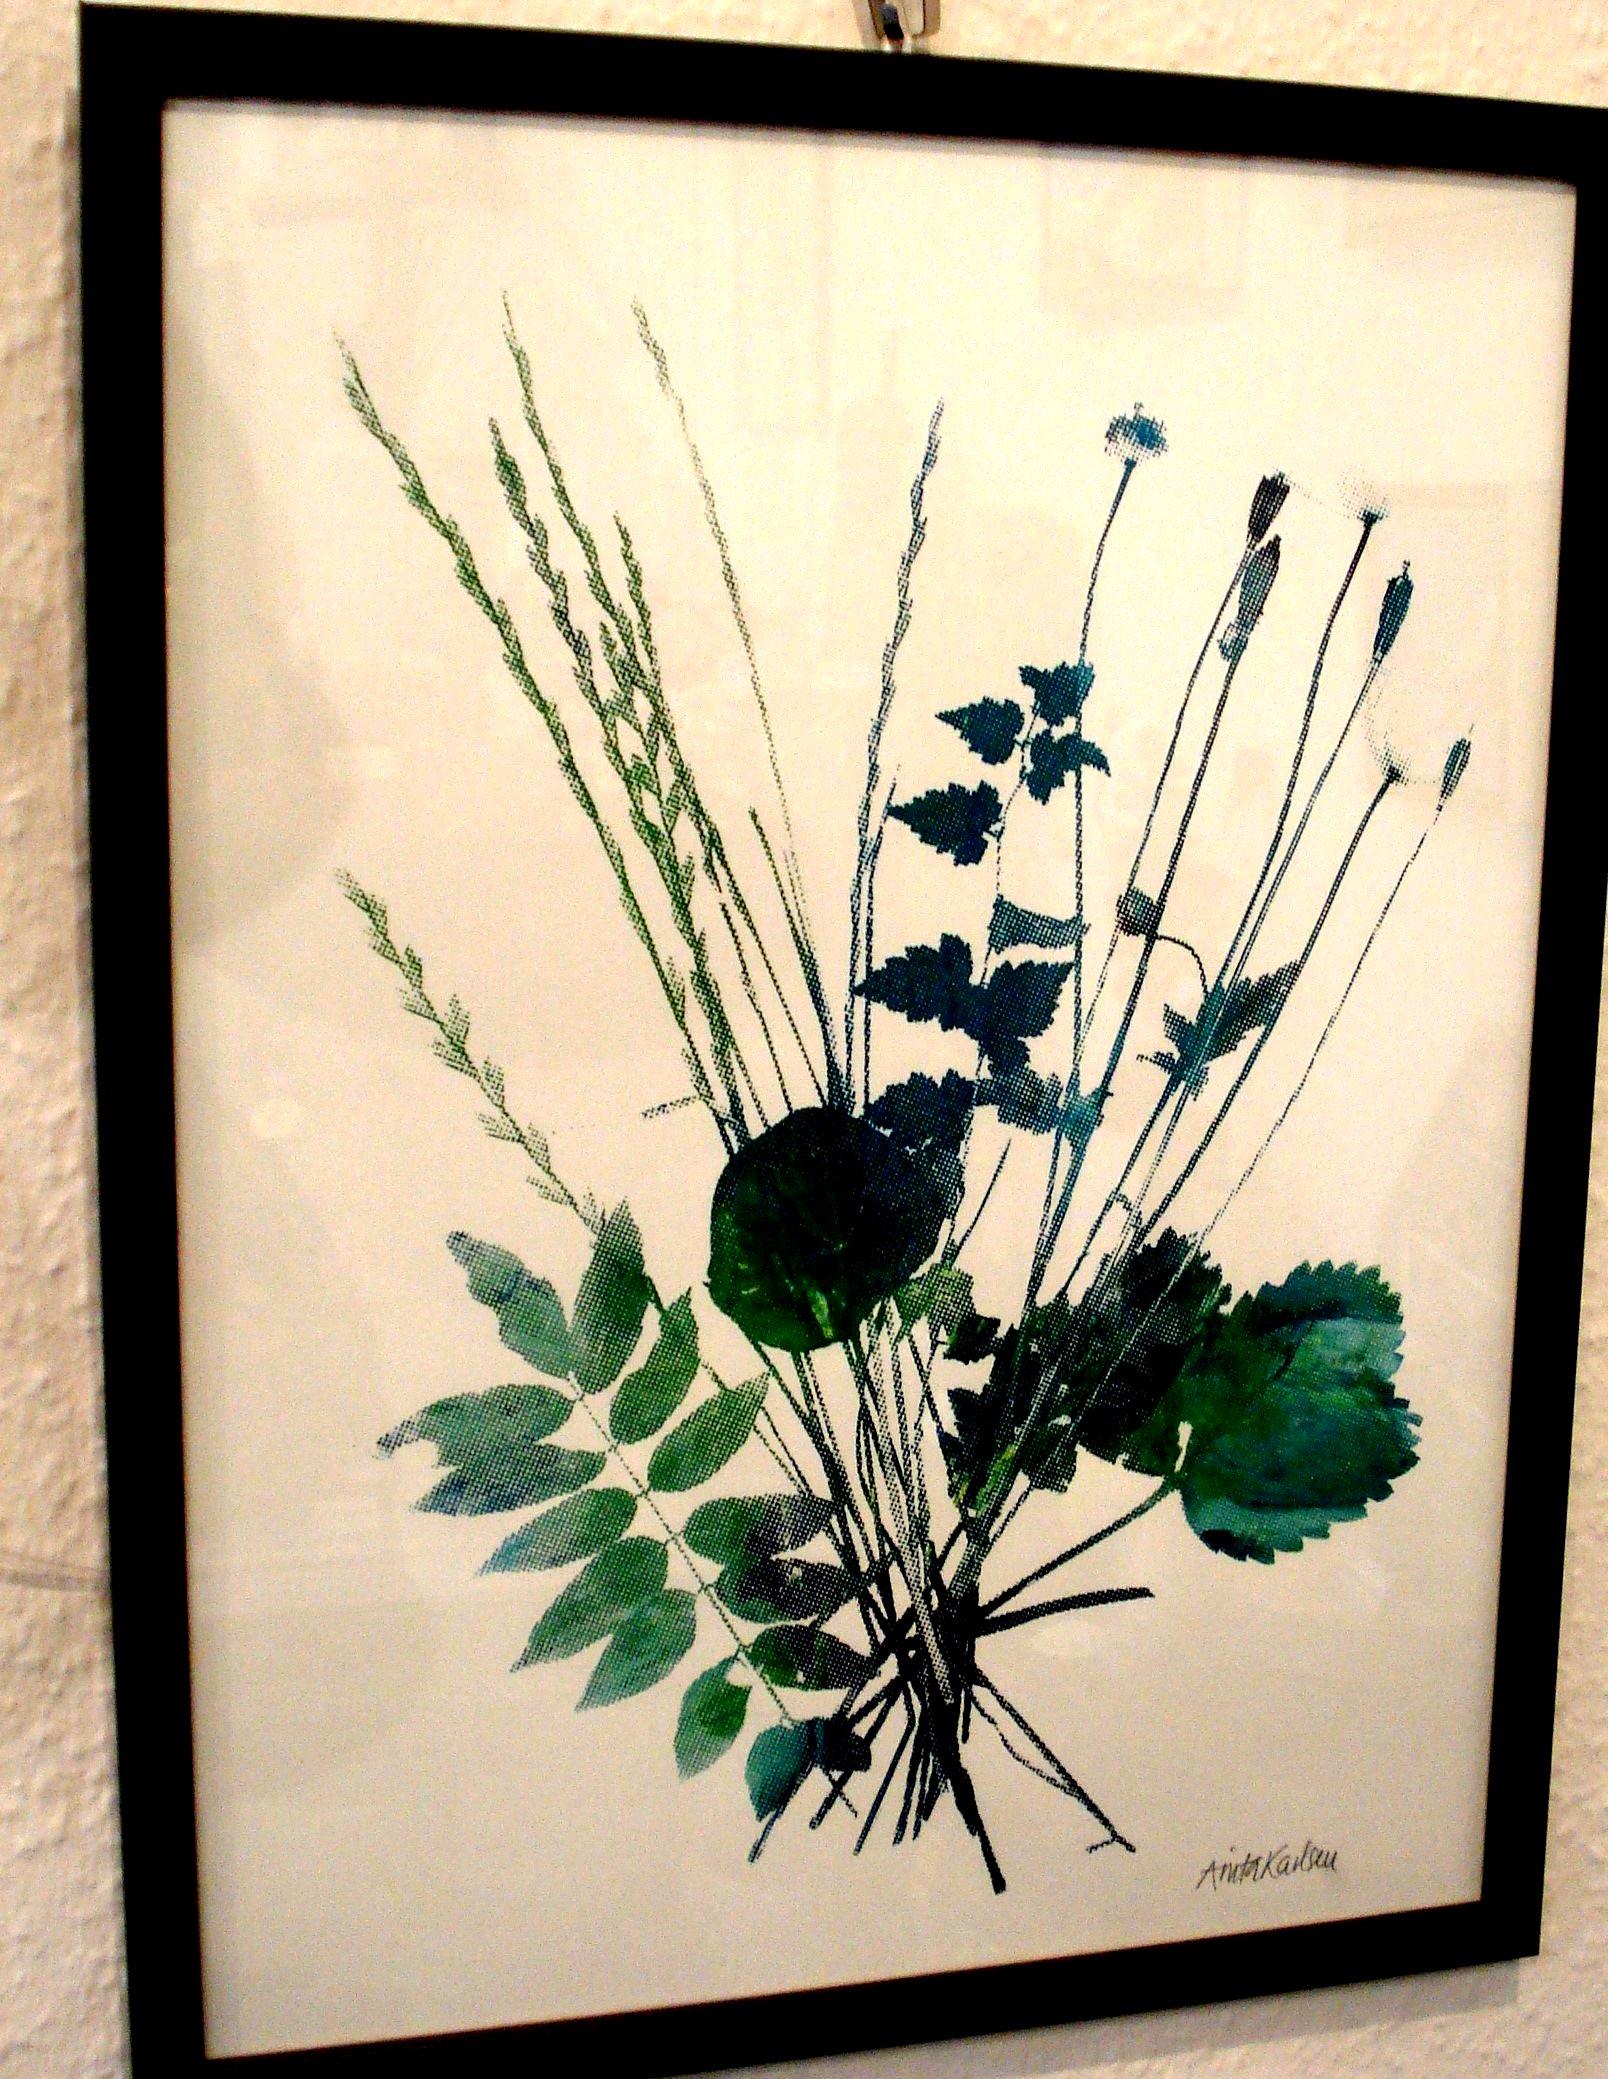 Buket i grøn- og blålige nuancer